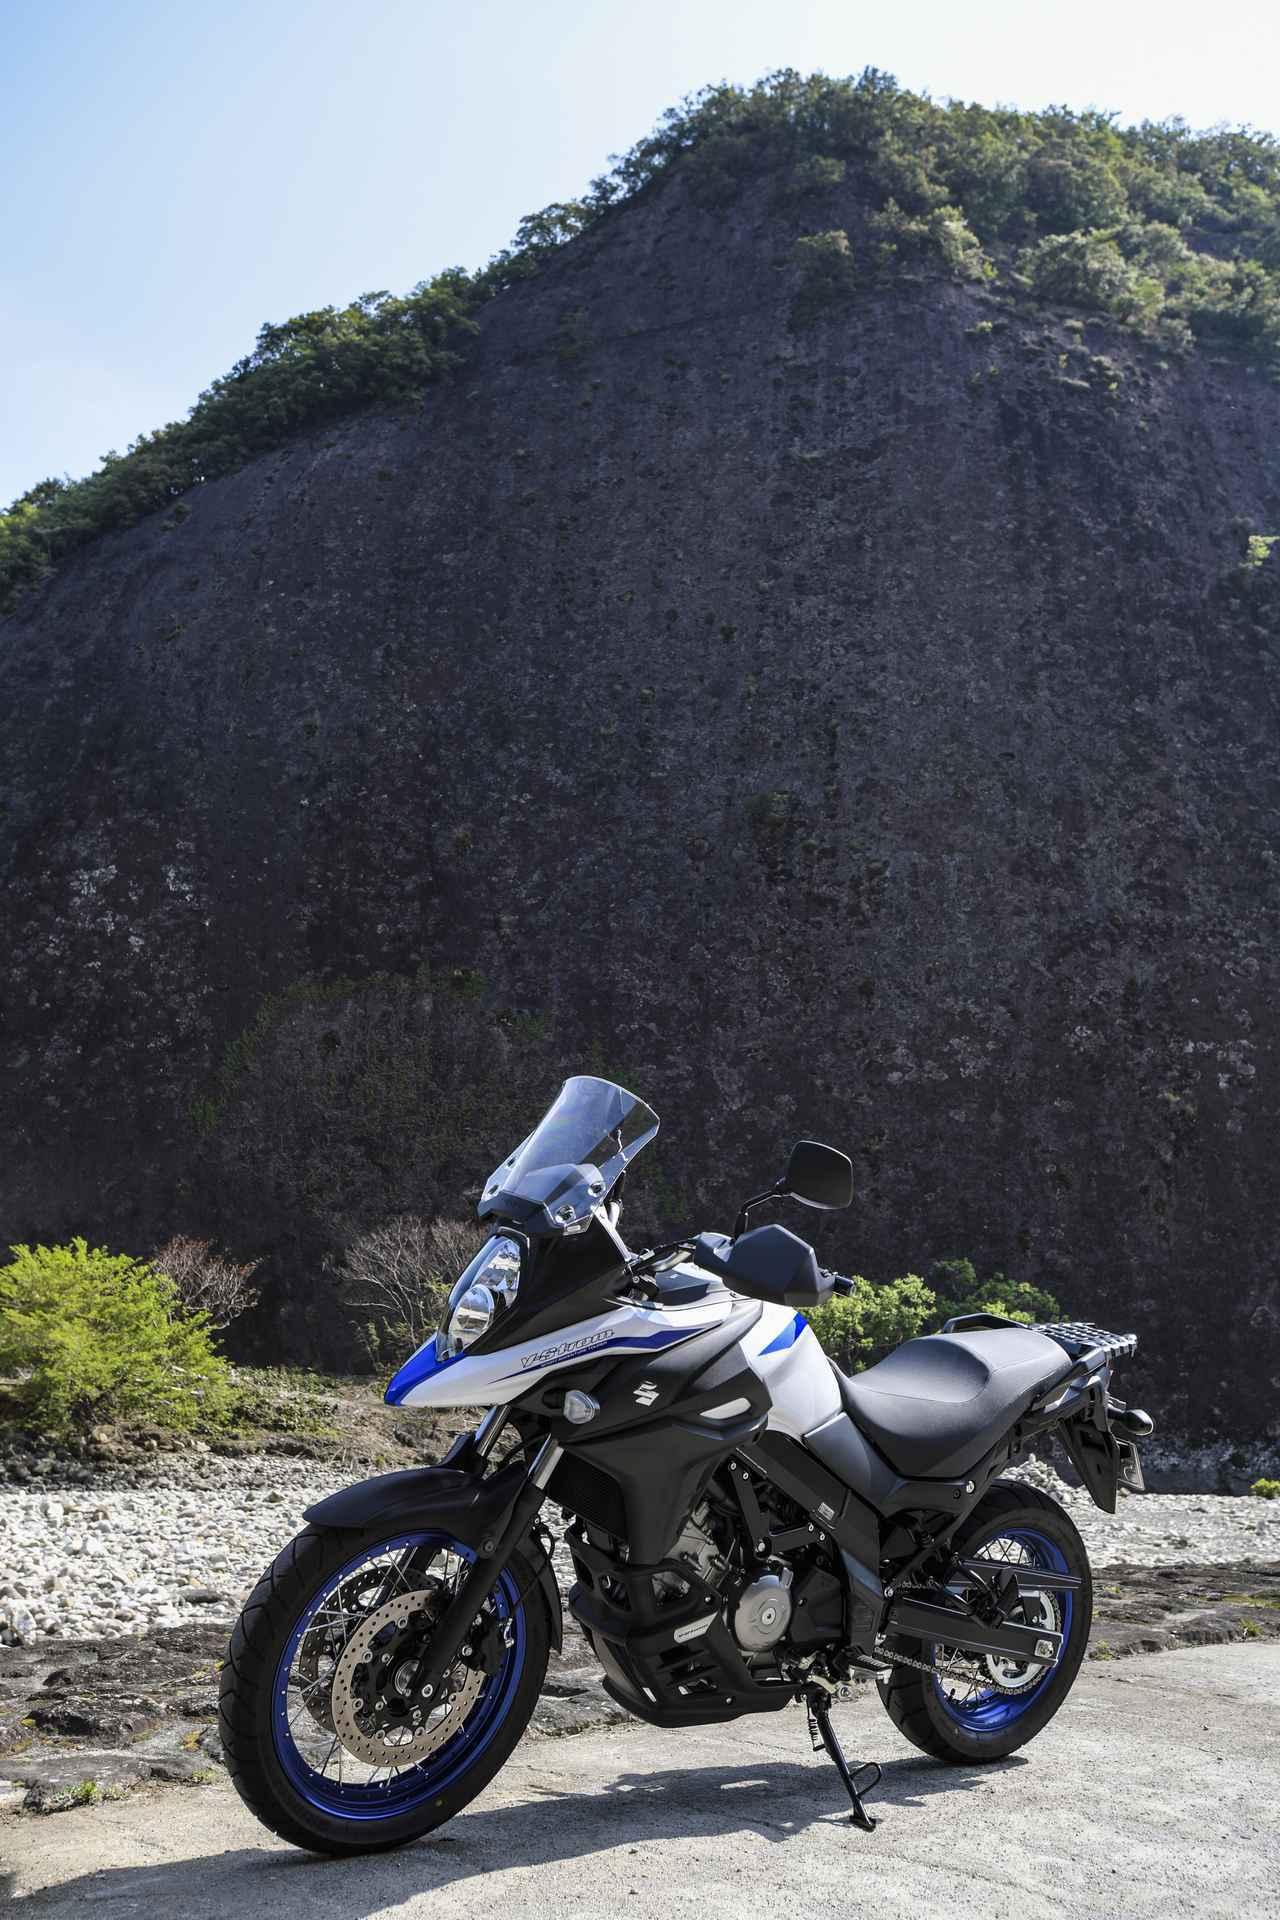 画像: 《冒険万歳編》スズキのVストローム650が『本物の旅バイク』だと感じた理由は2日目の朝!【SUZUKI V-Strom650 XT/ツーリングインプレ④】